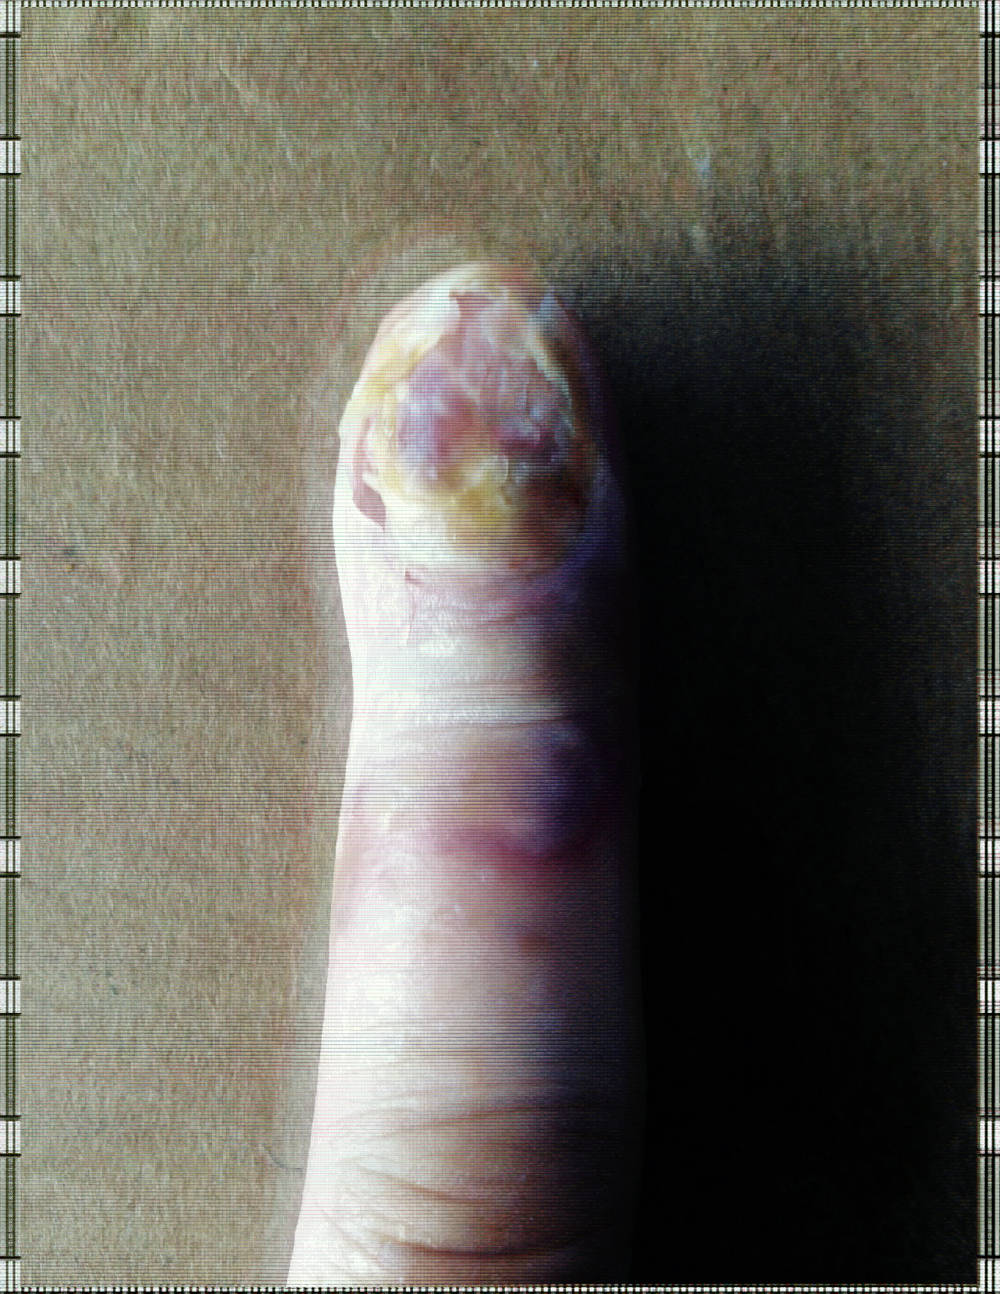 finger3.jpg